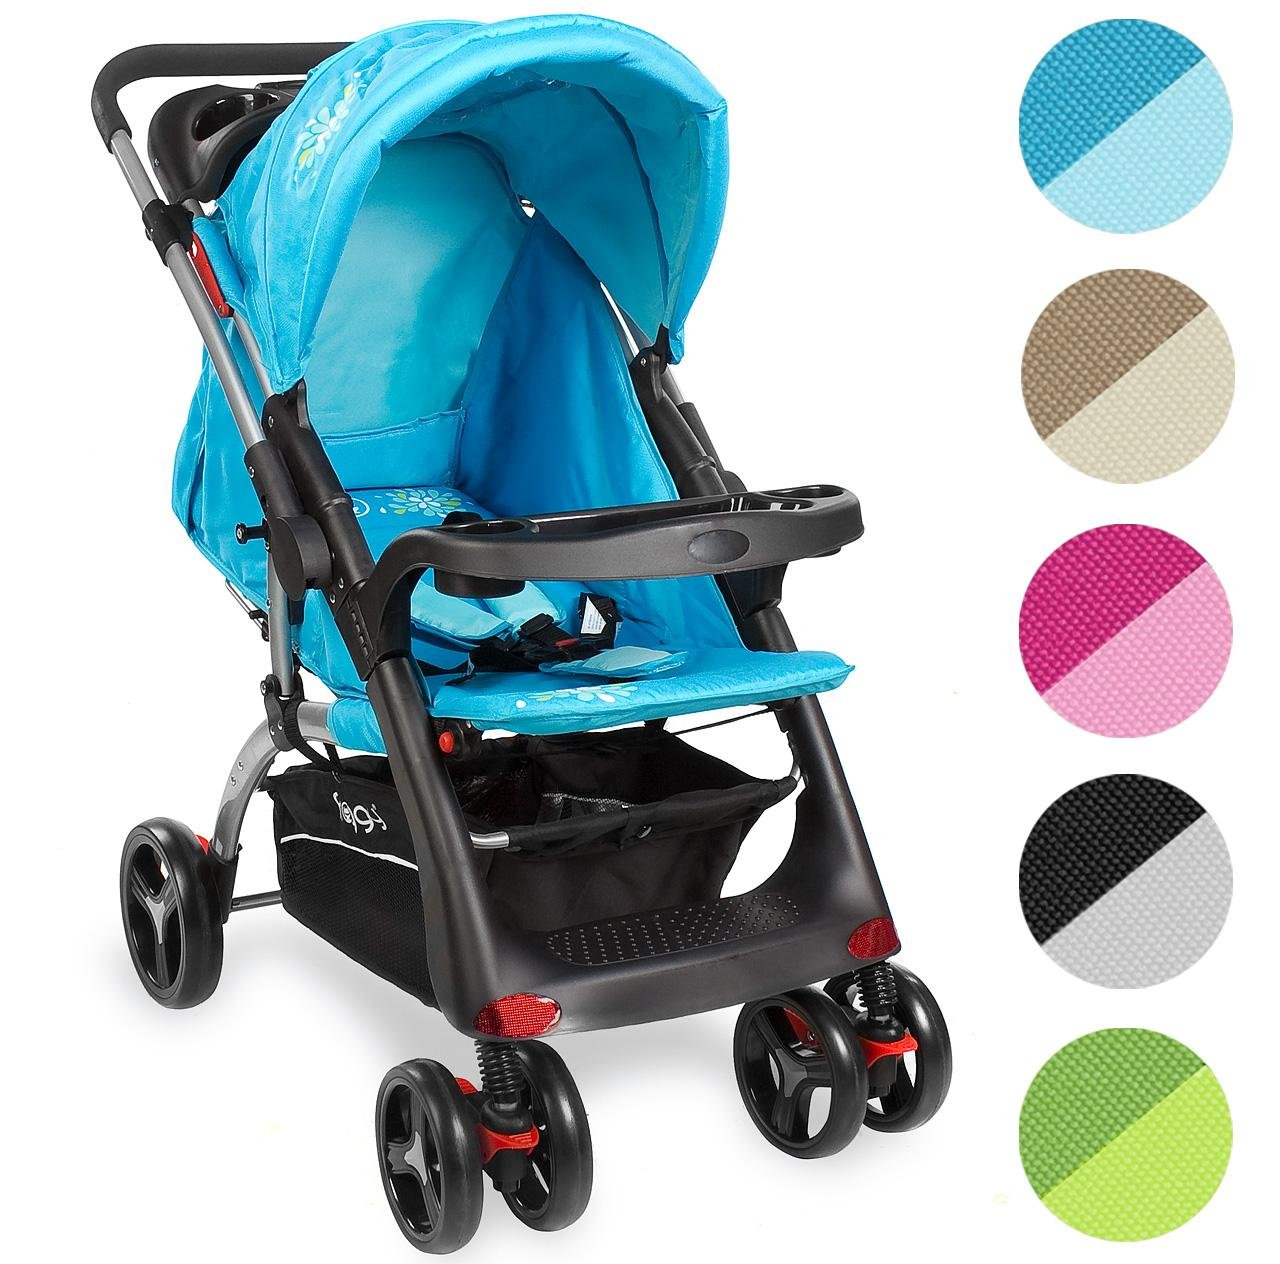 Kinderwagen RANGER S4-2 Gepolsterter 5-Punkt Sicherheitsgurt Blau Froggy